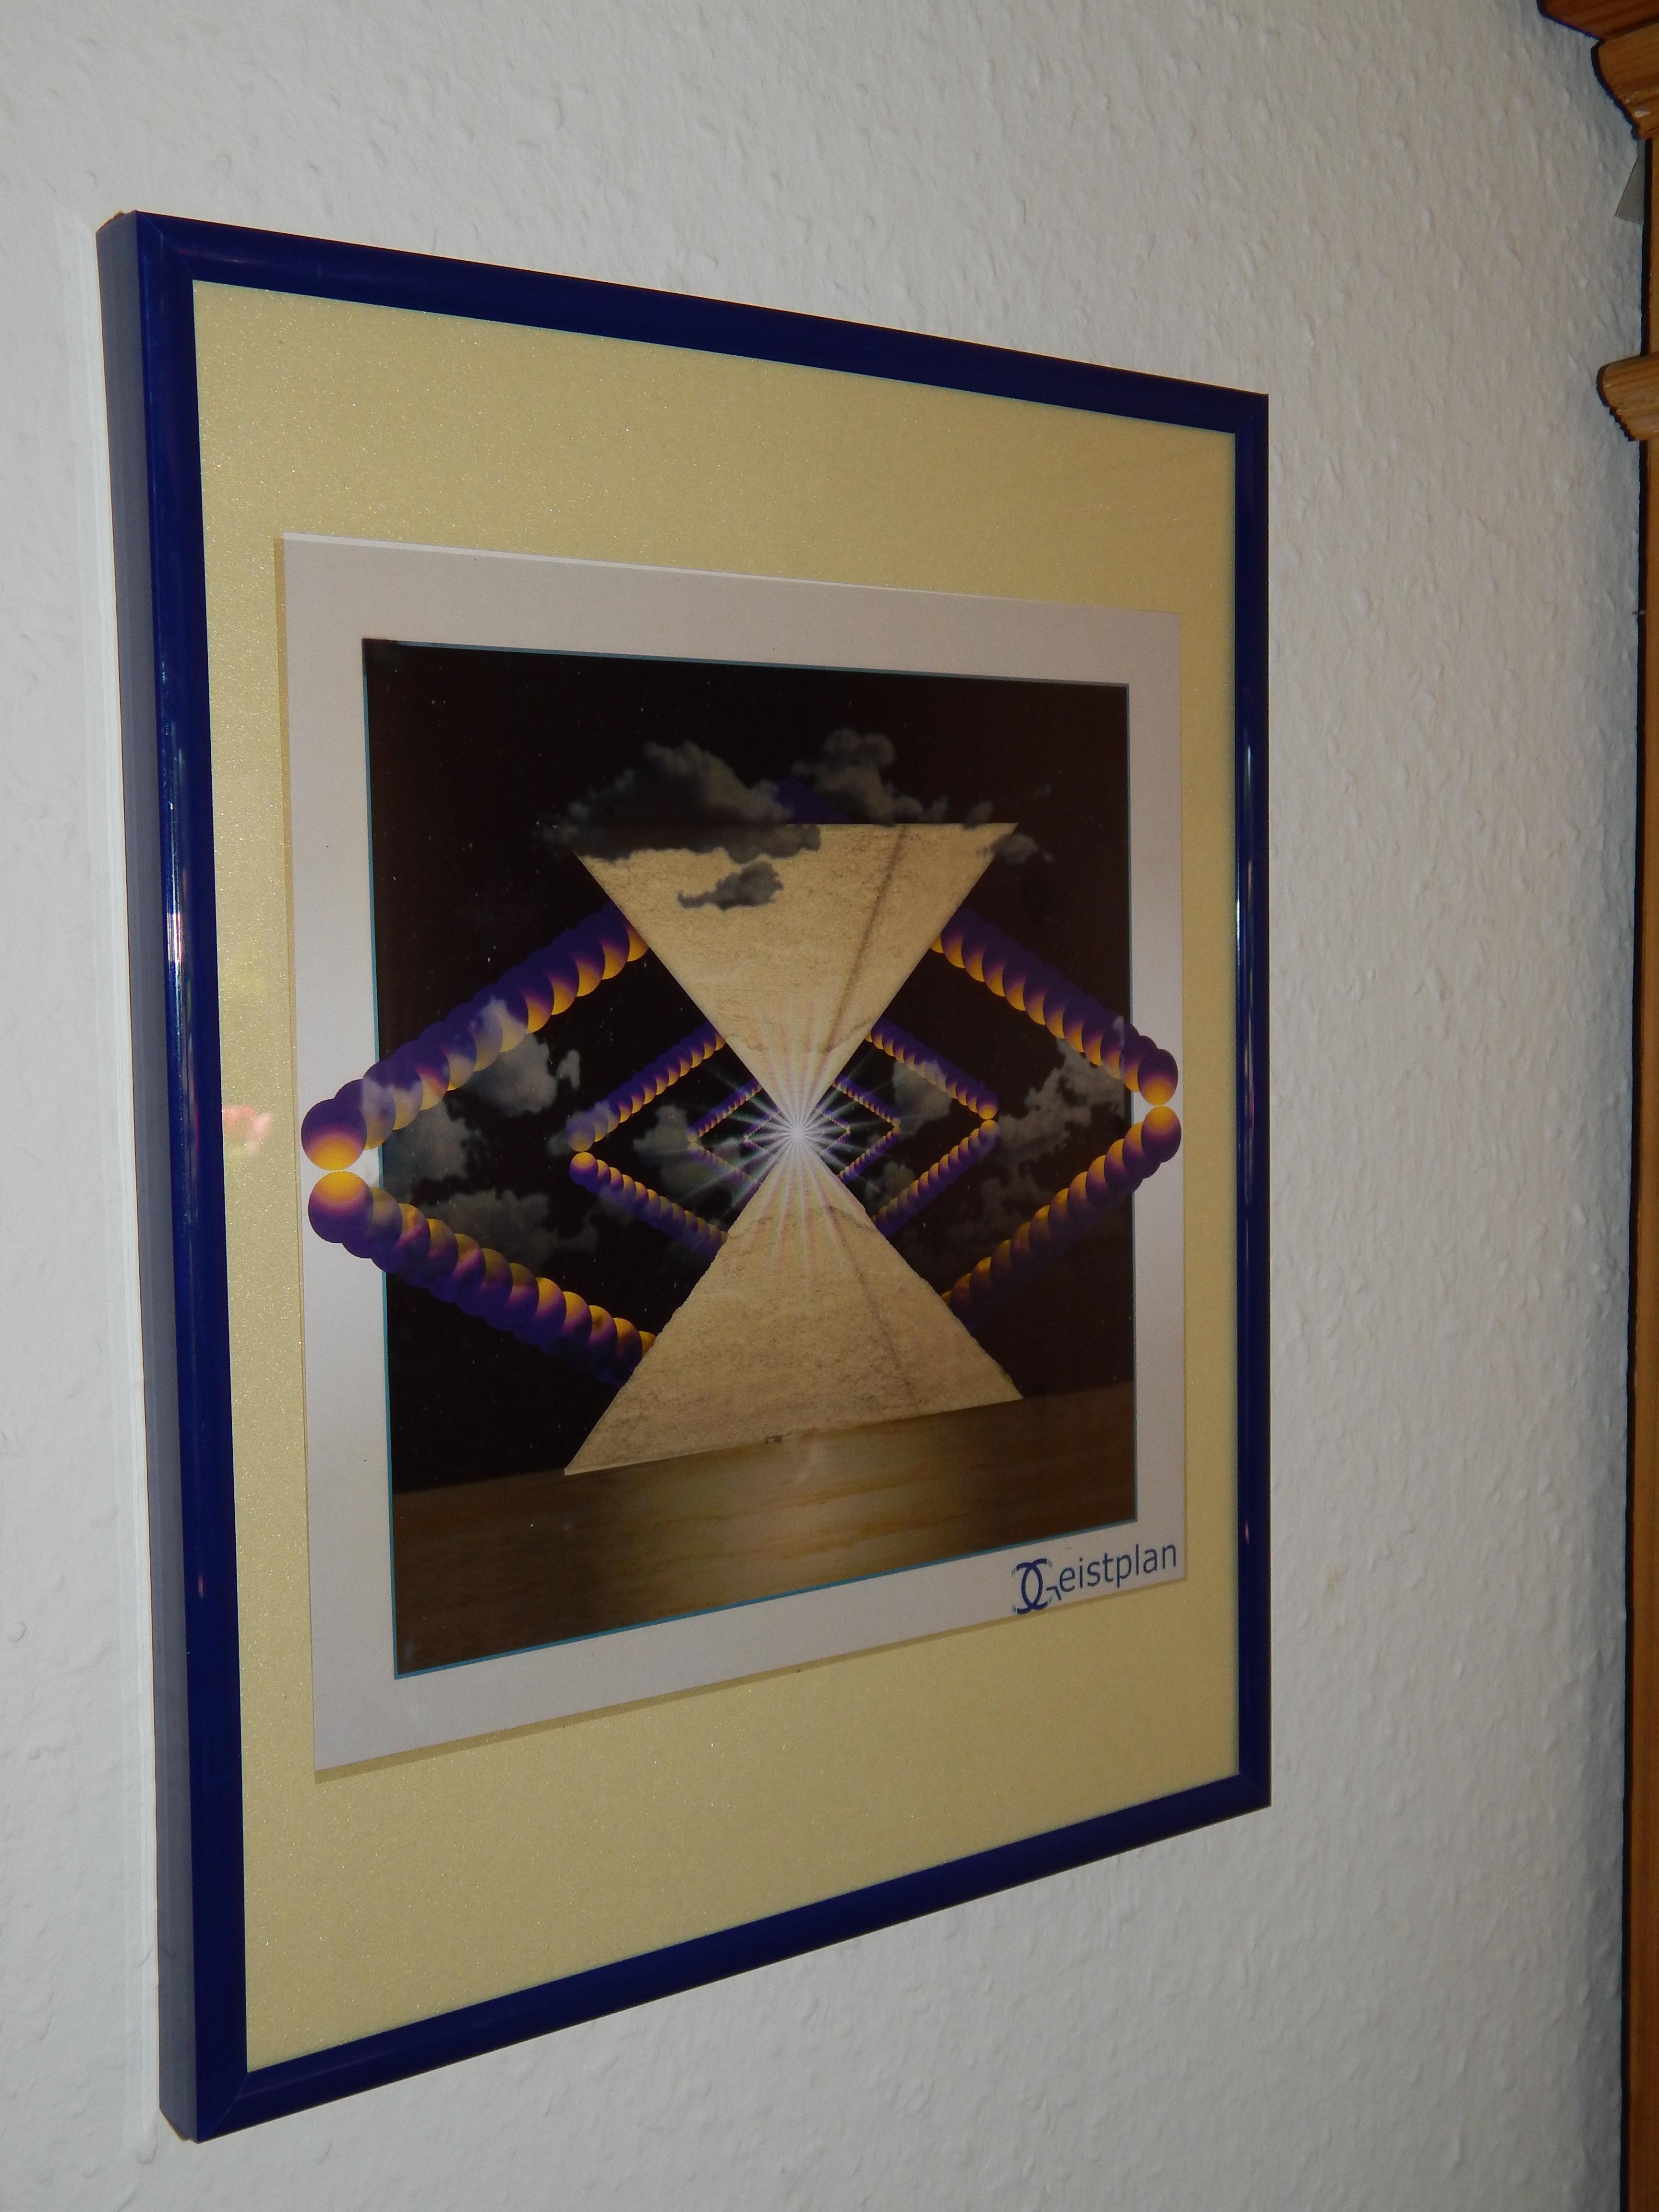 Foto von einem Bild mit zwei gegeneinader aufgetürmten Pyramiden